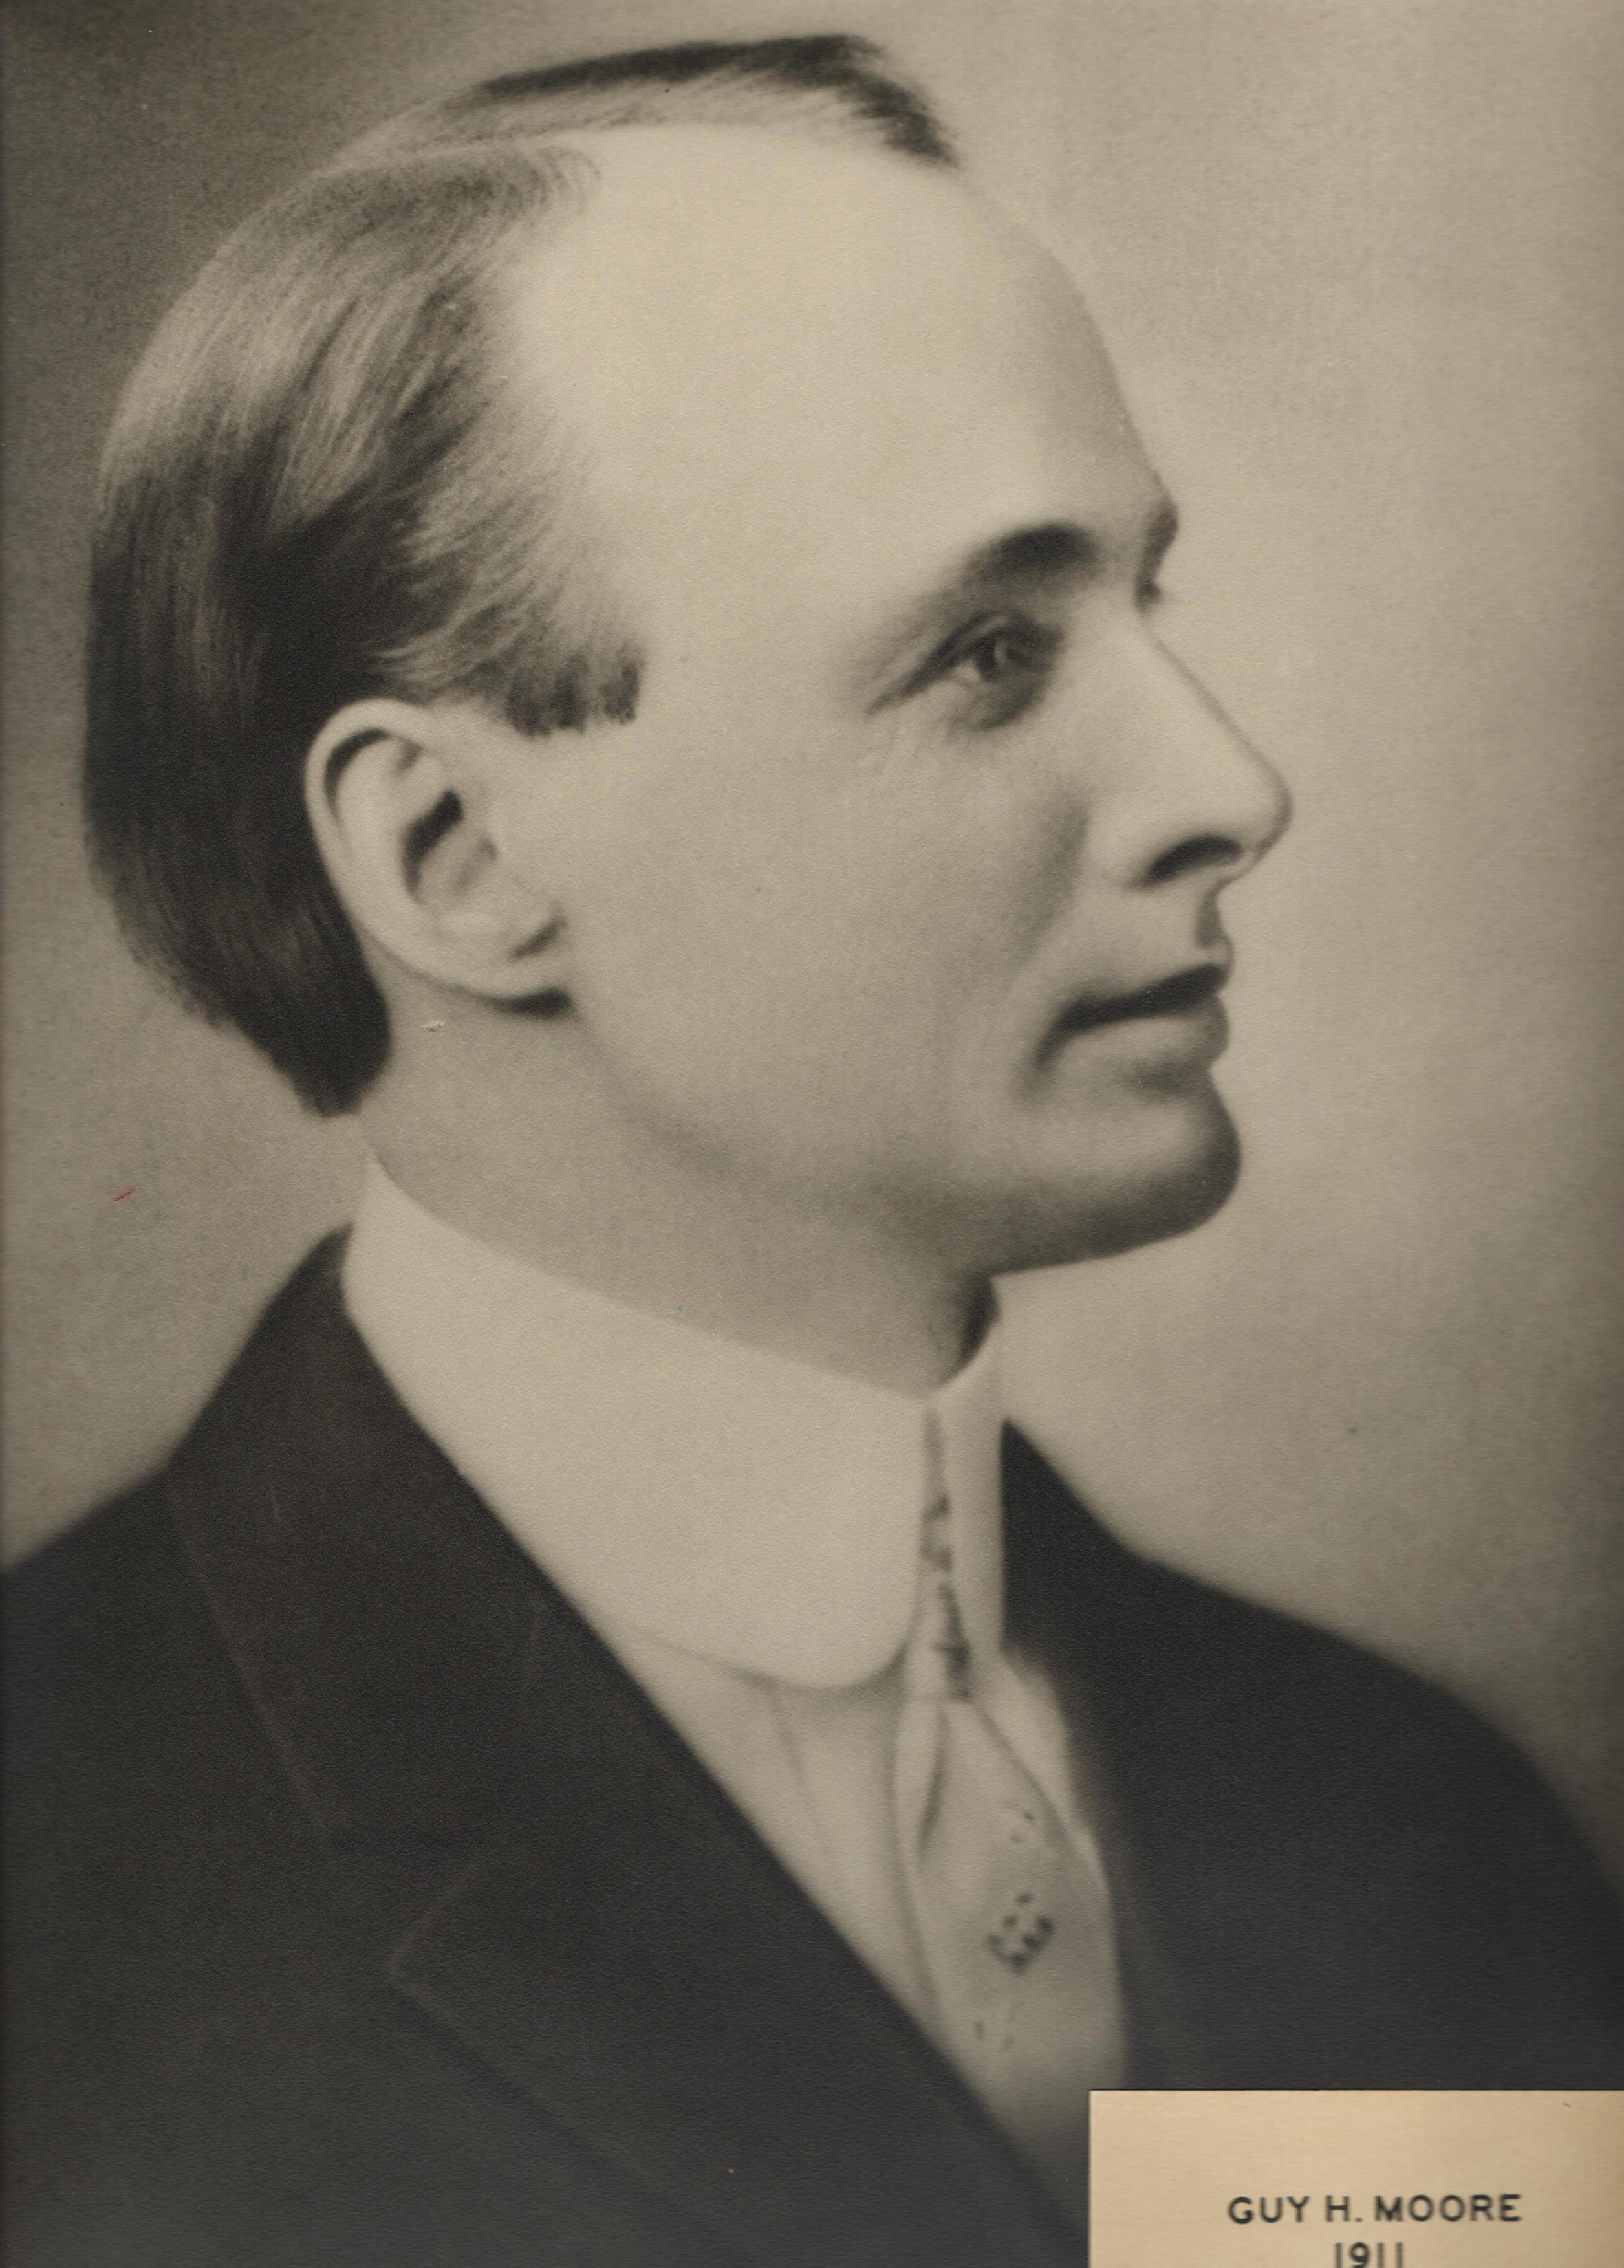 1911 Guy H. Moore